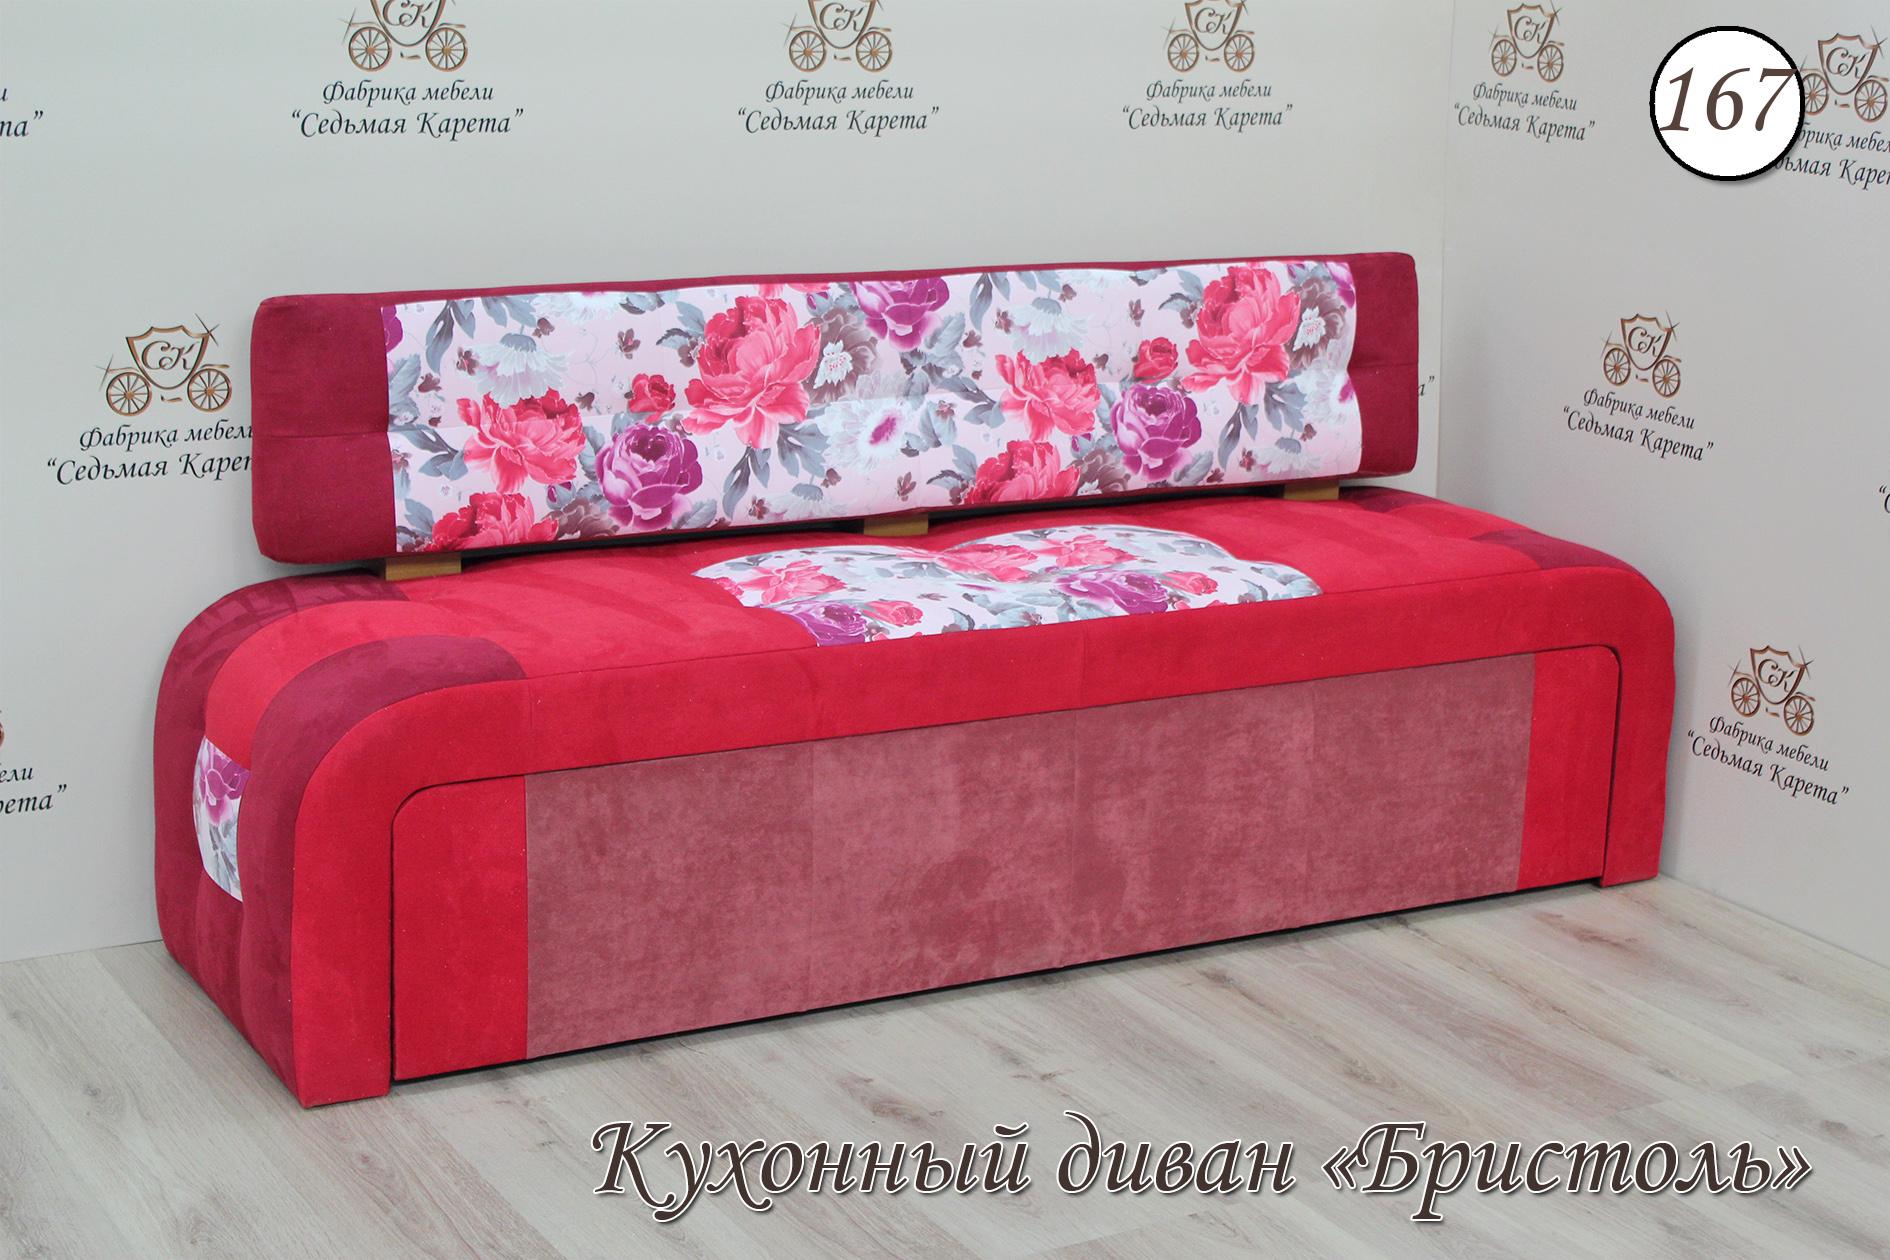 Кухонный диван Бристоль-167